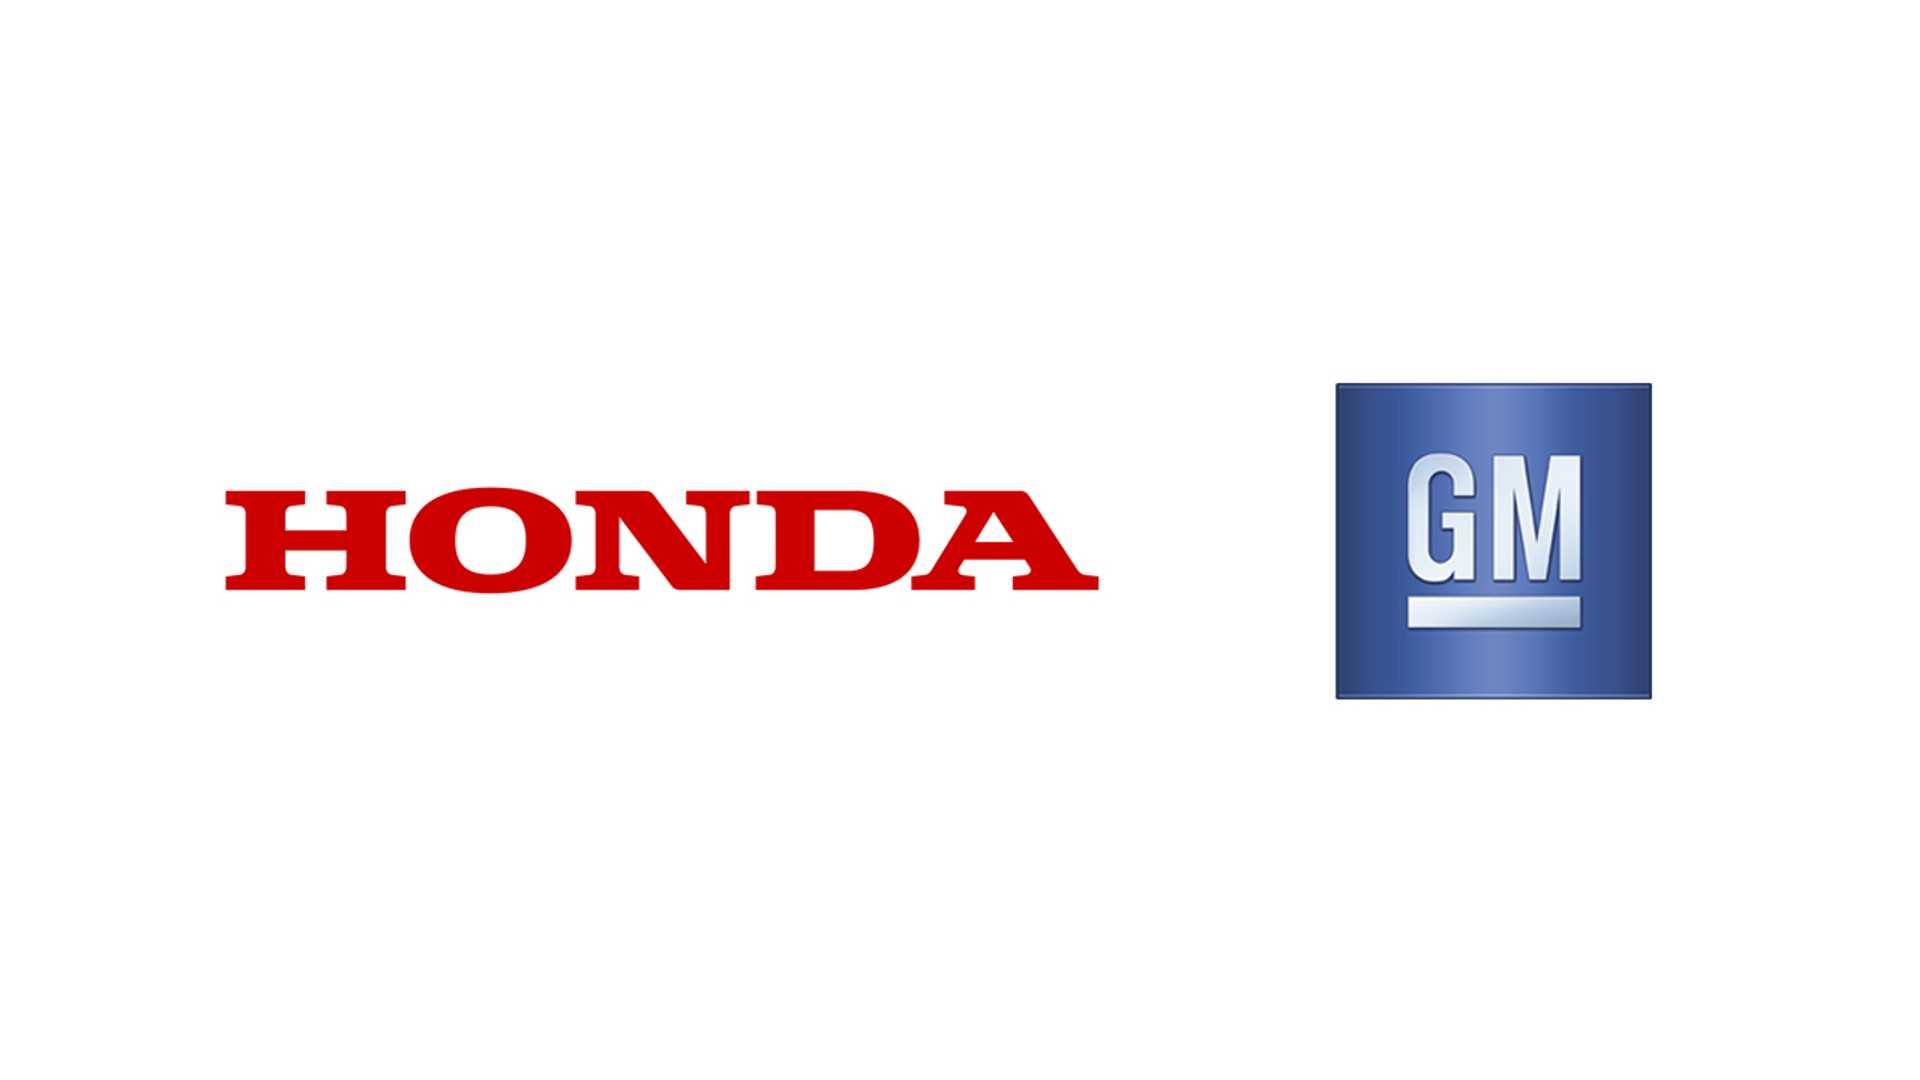 本田将与通用汽车联合开发两台全新电动汽车,2024年投放北美市场